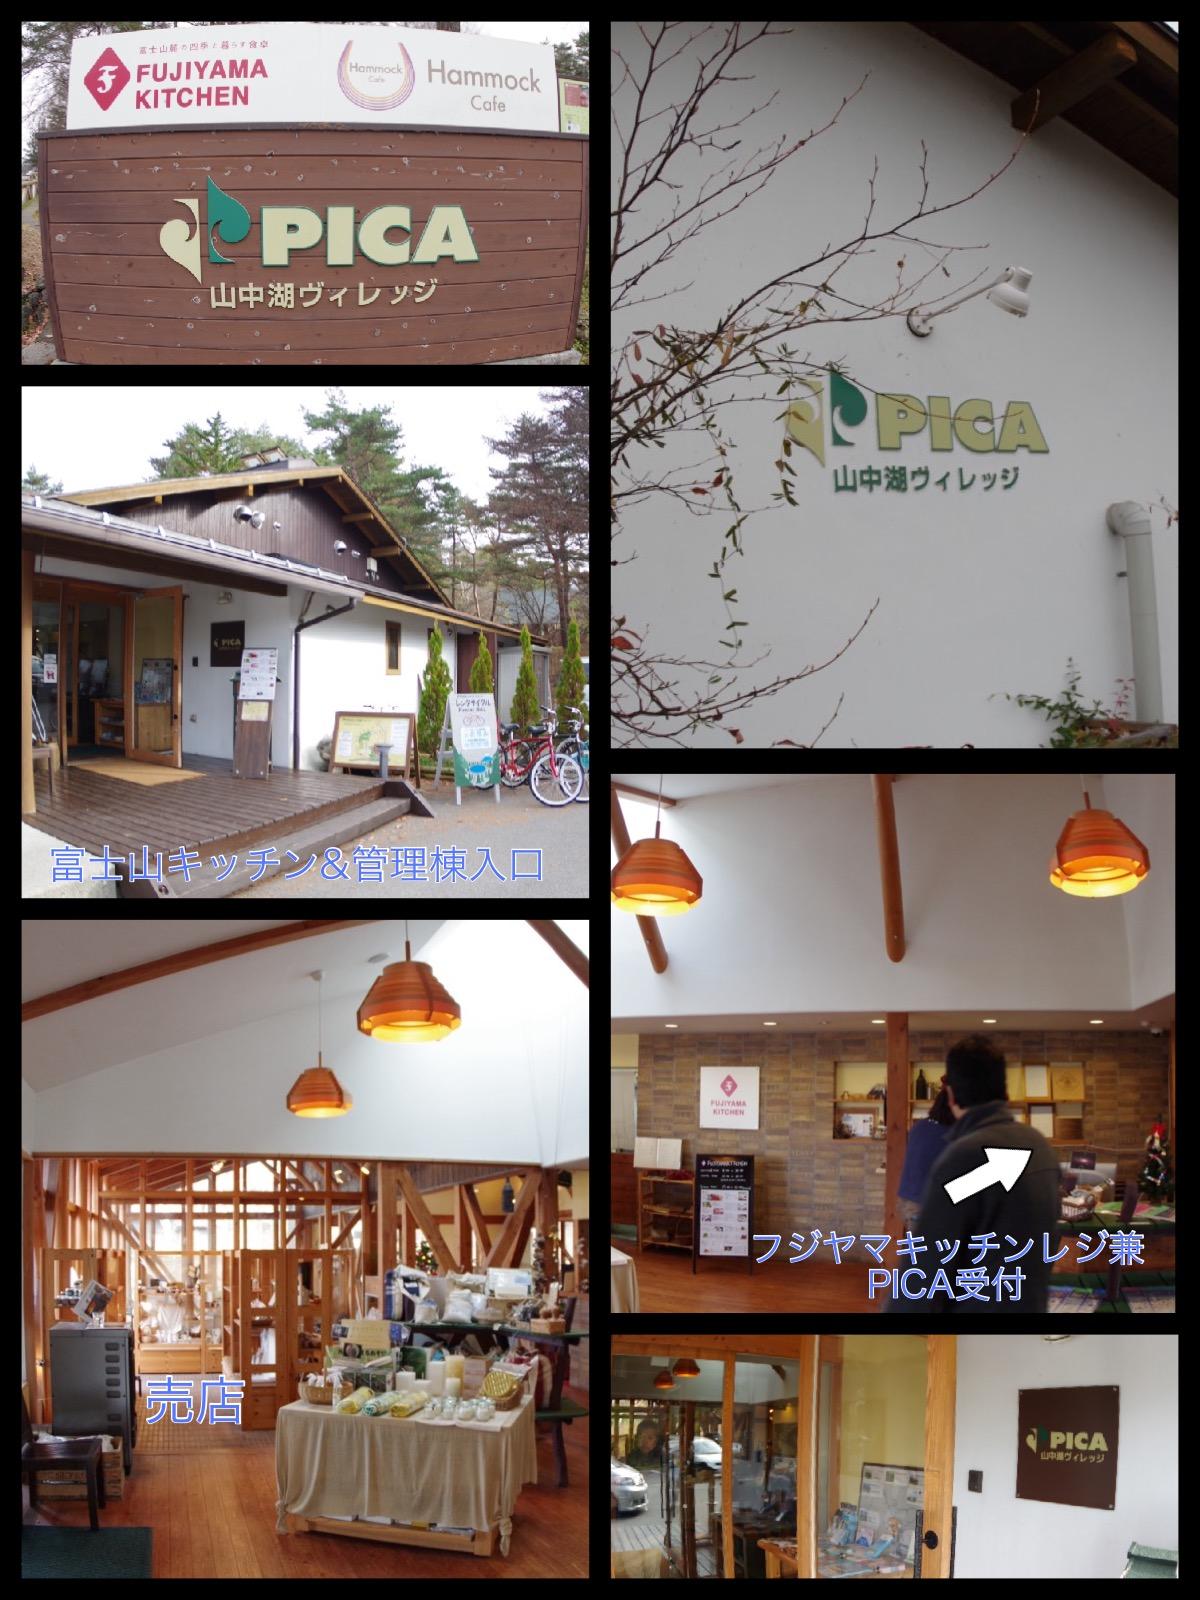 PICA山中湖 コテージオーベルジュ 宿泊 phev